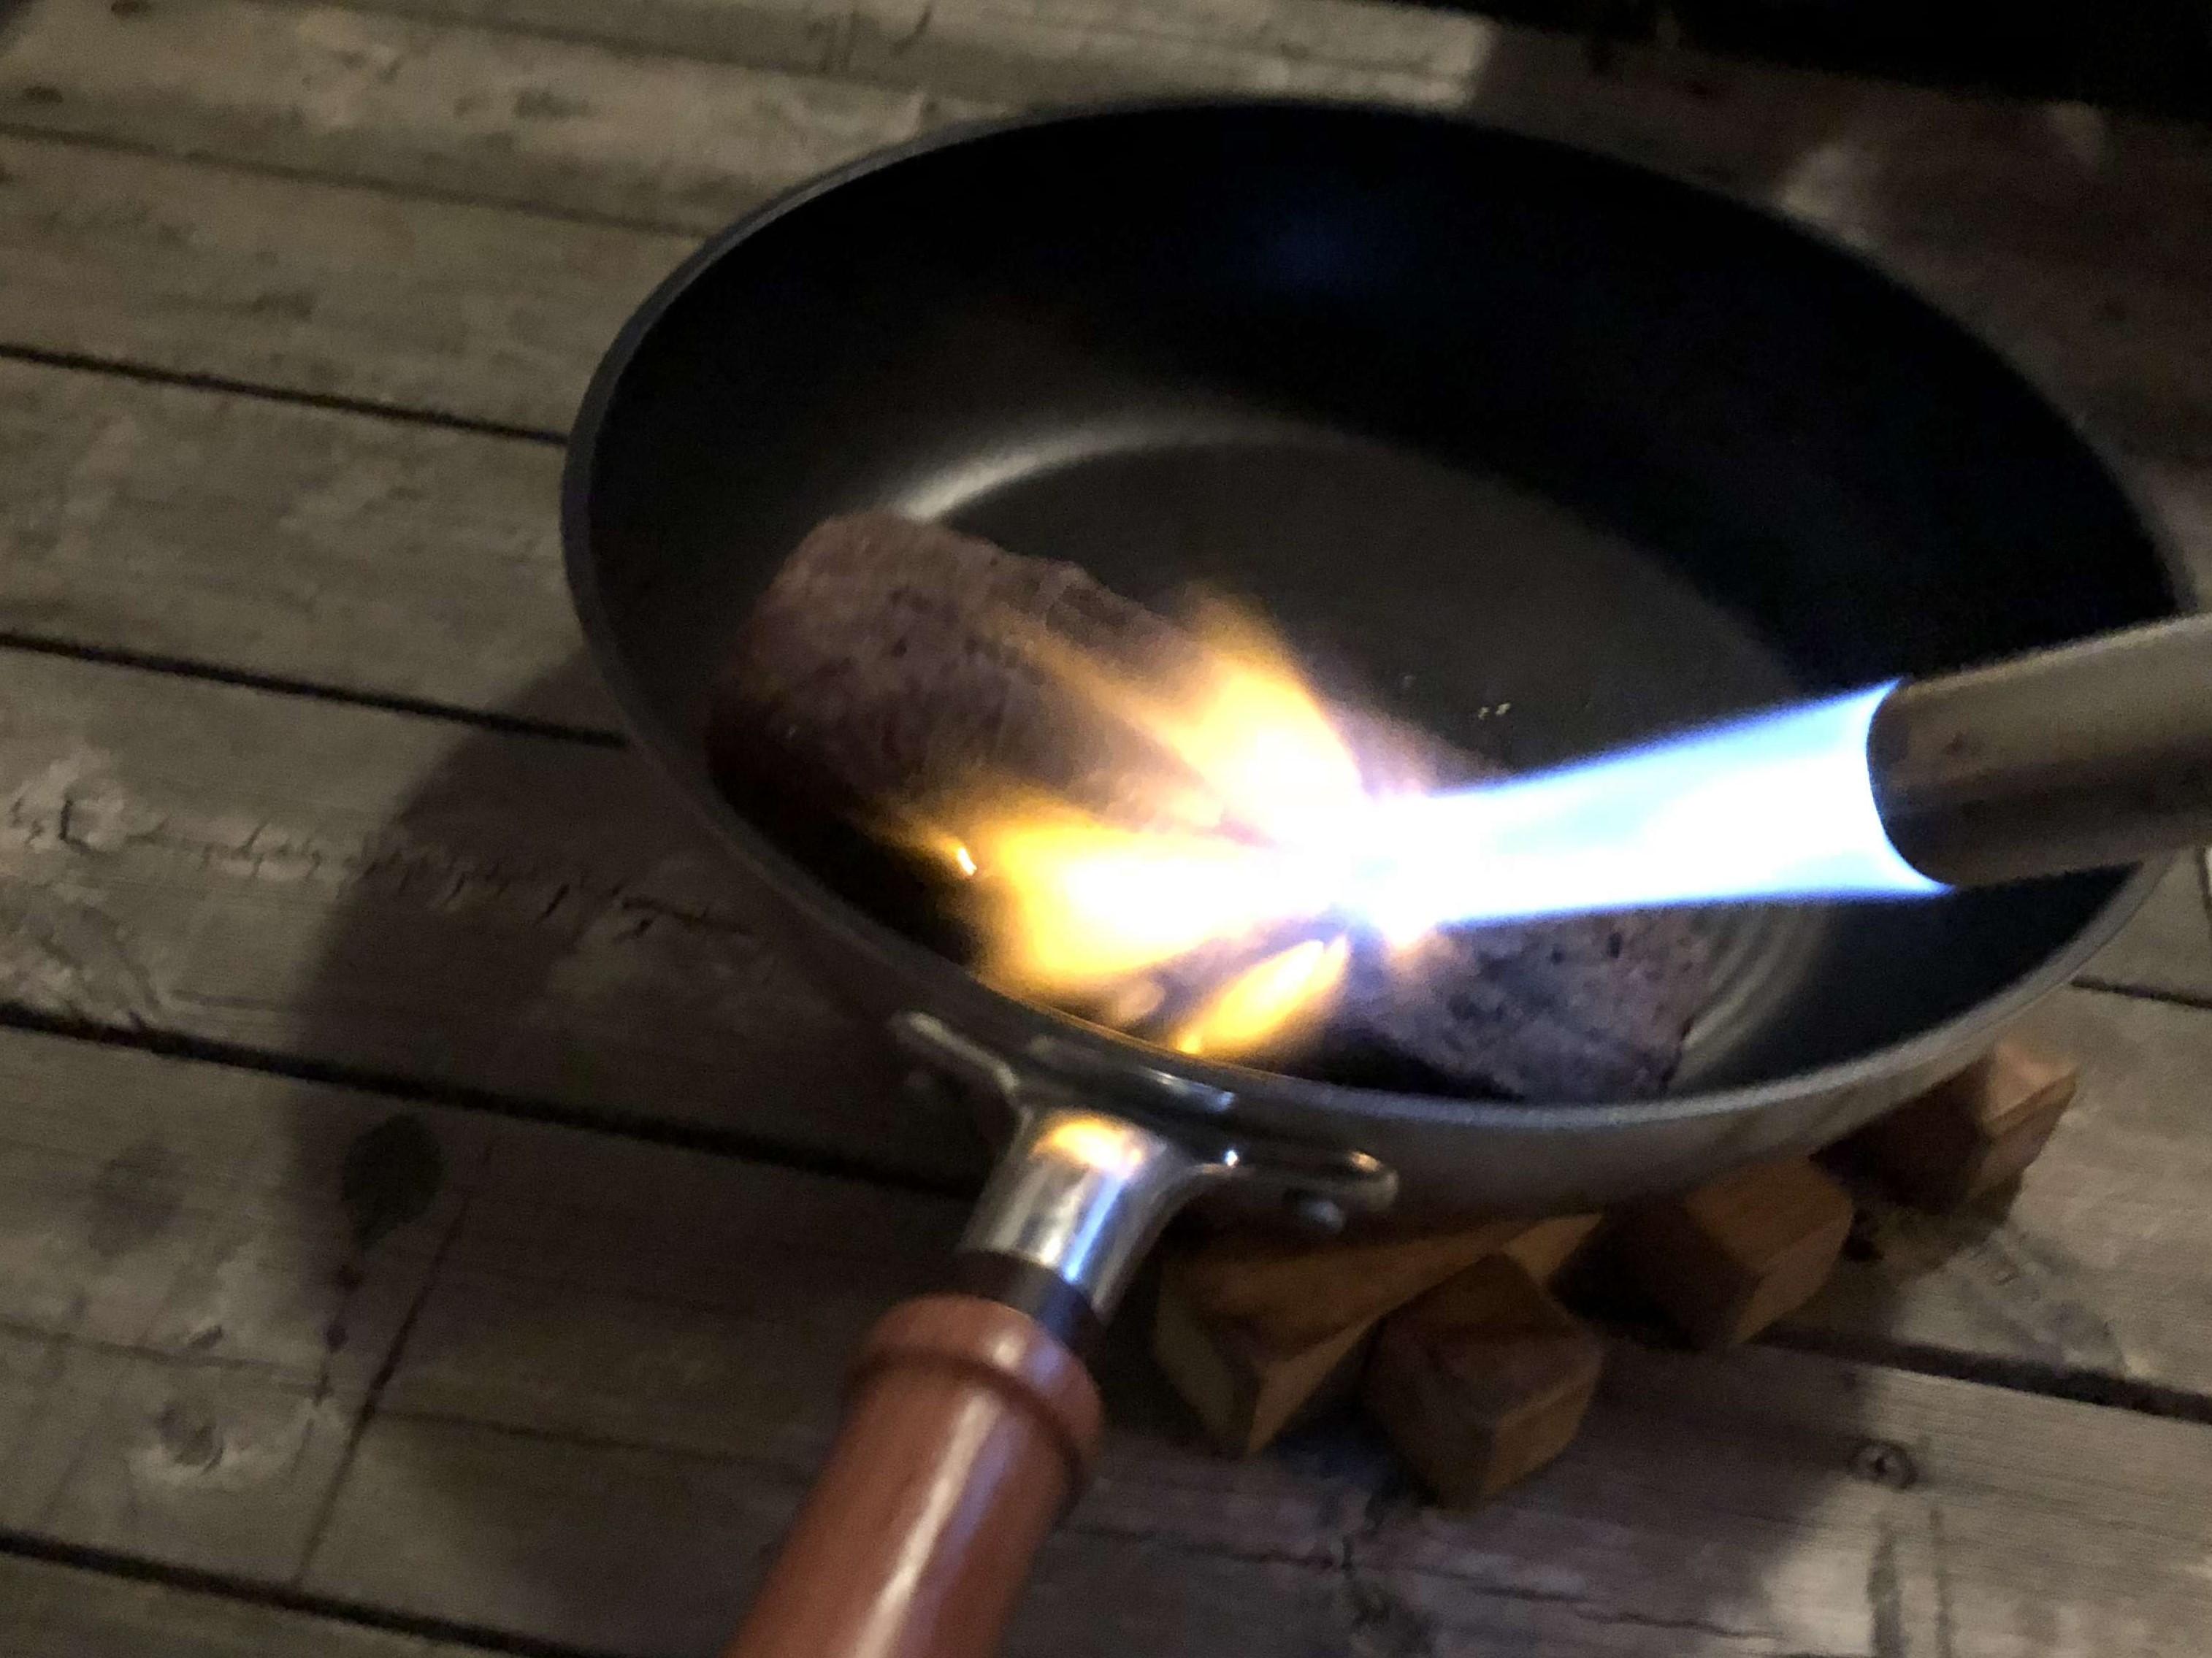 Anova アノーバ 低温調理器 レビュー 使い方 ローストビーフ 57℃ 3時間 ガスバーナー メイラード反応